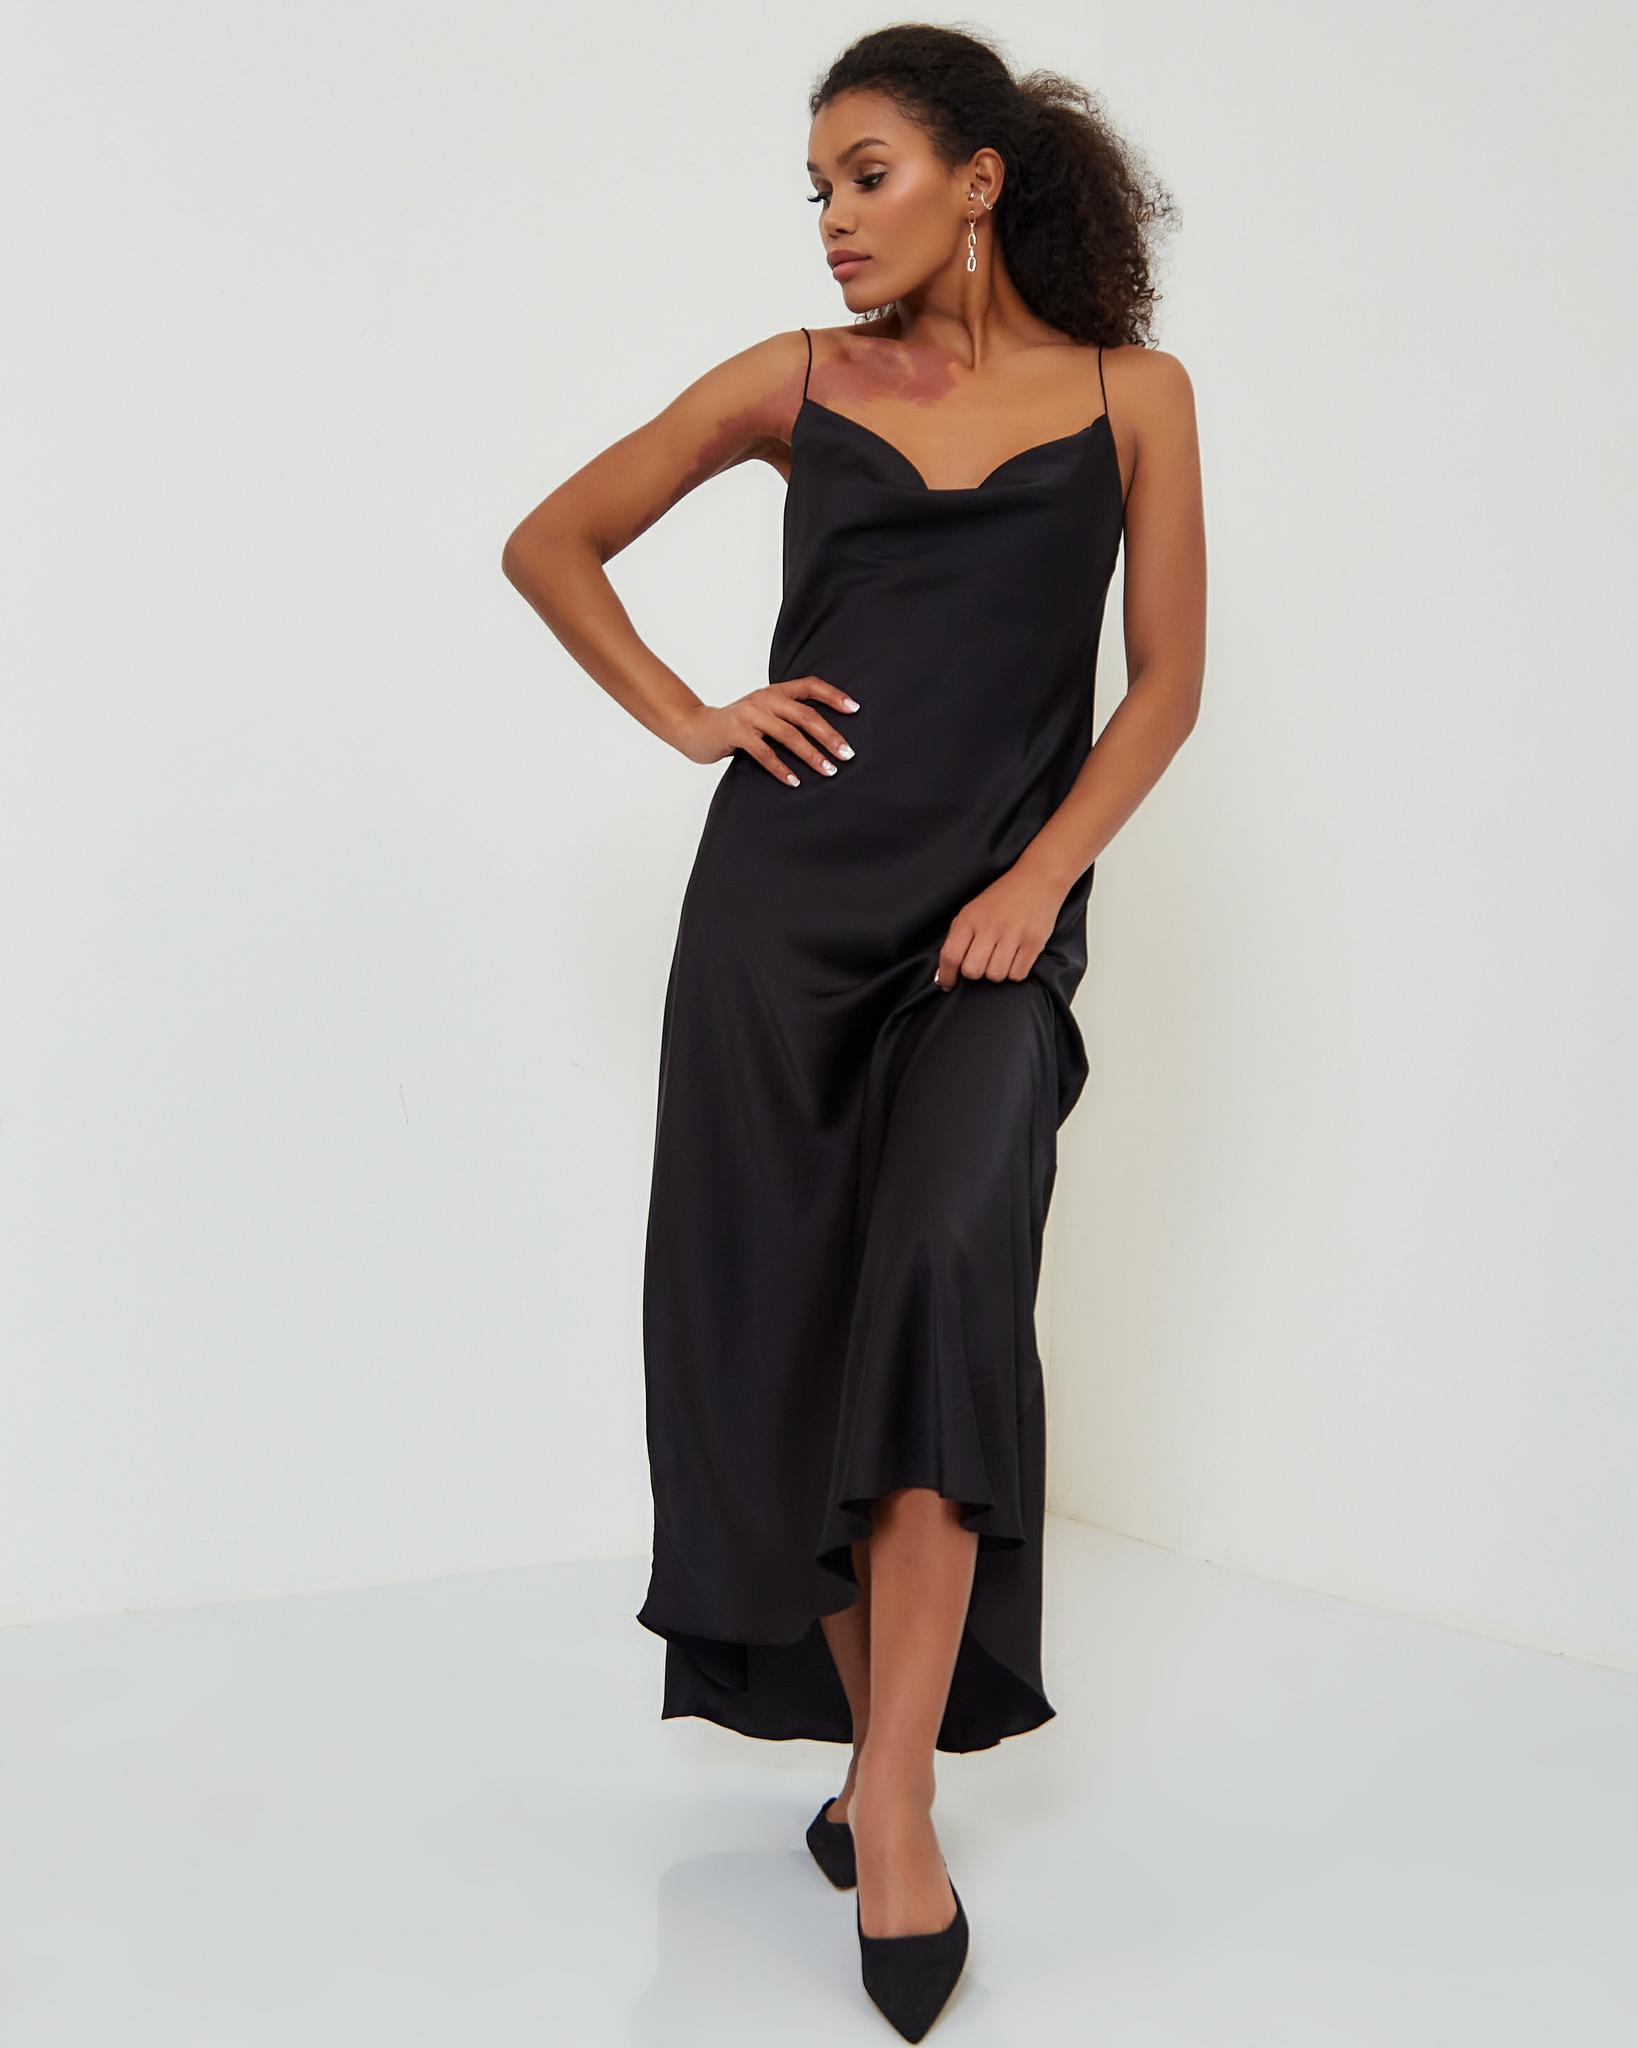 Платье-комбинация в черном цвете